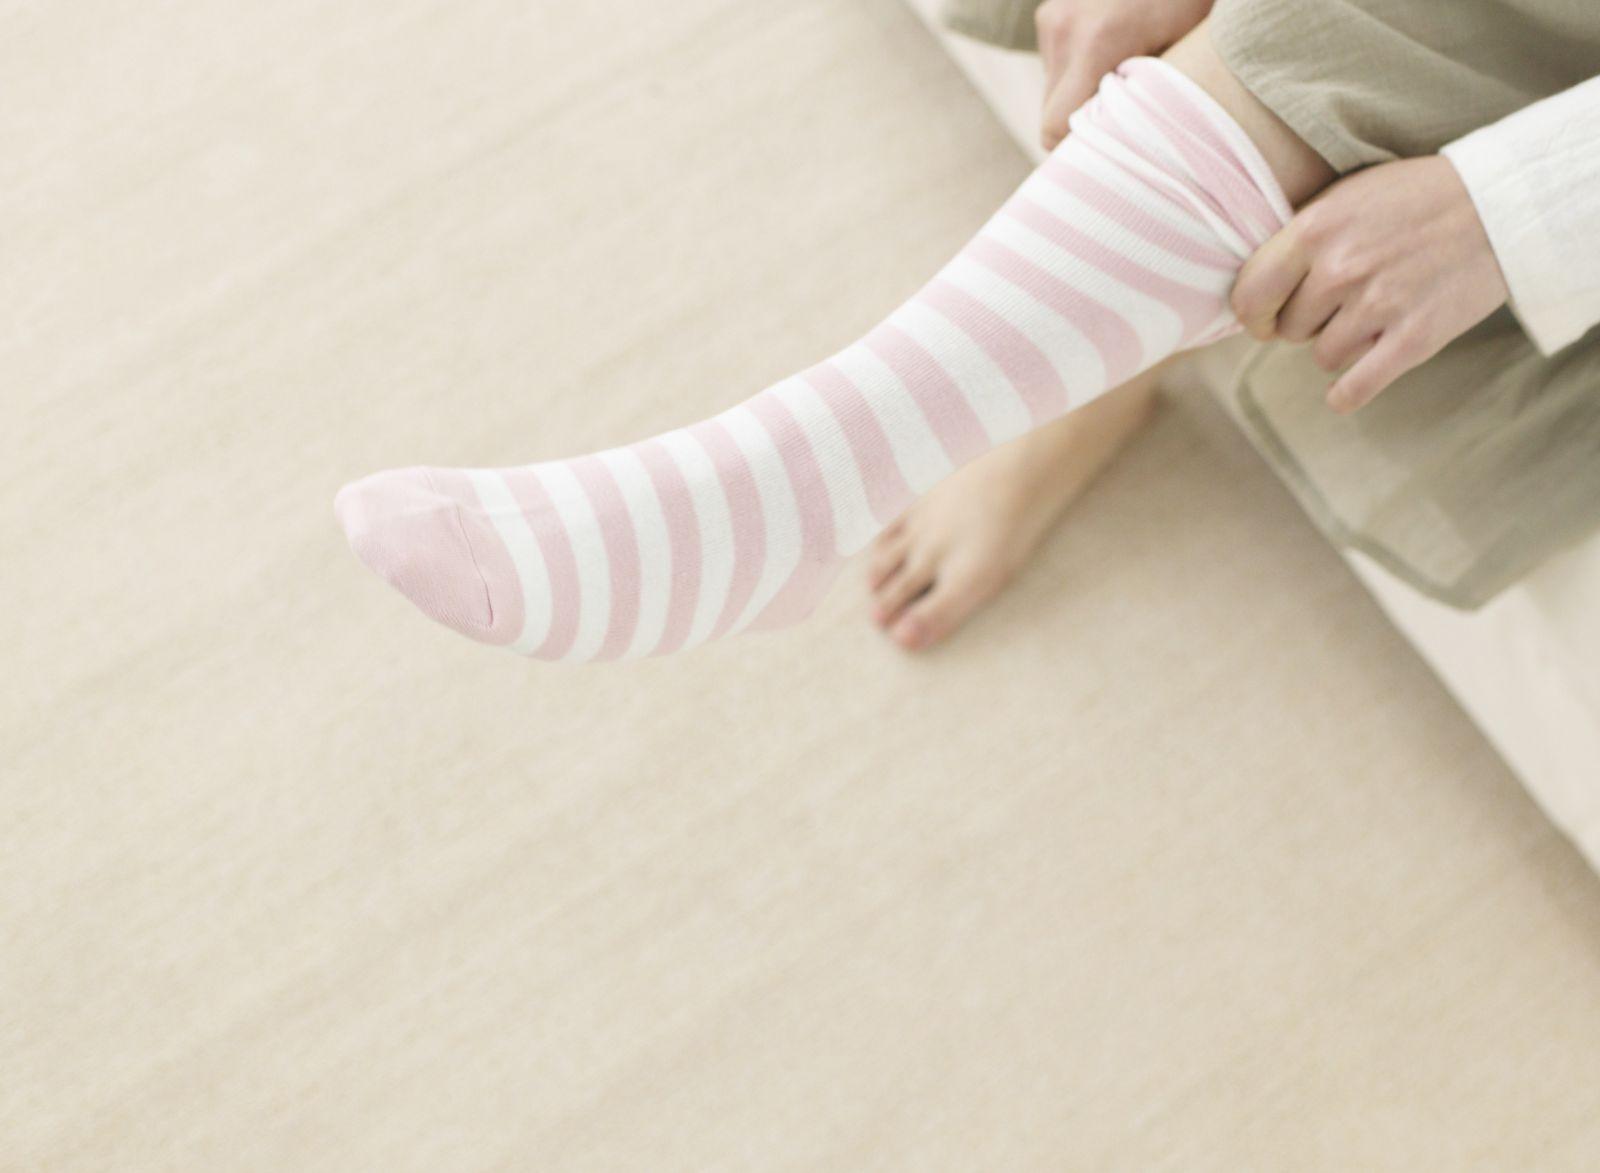 NICHT MEHR VERWENDEN! - Socken / Winter / Kalte Füße